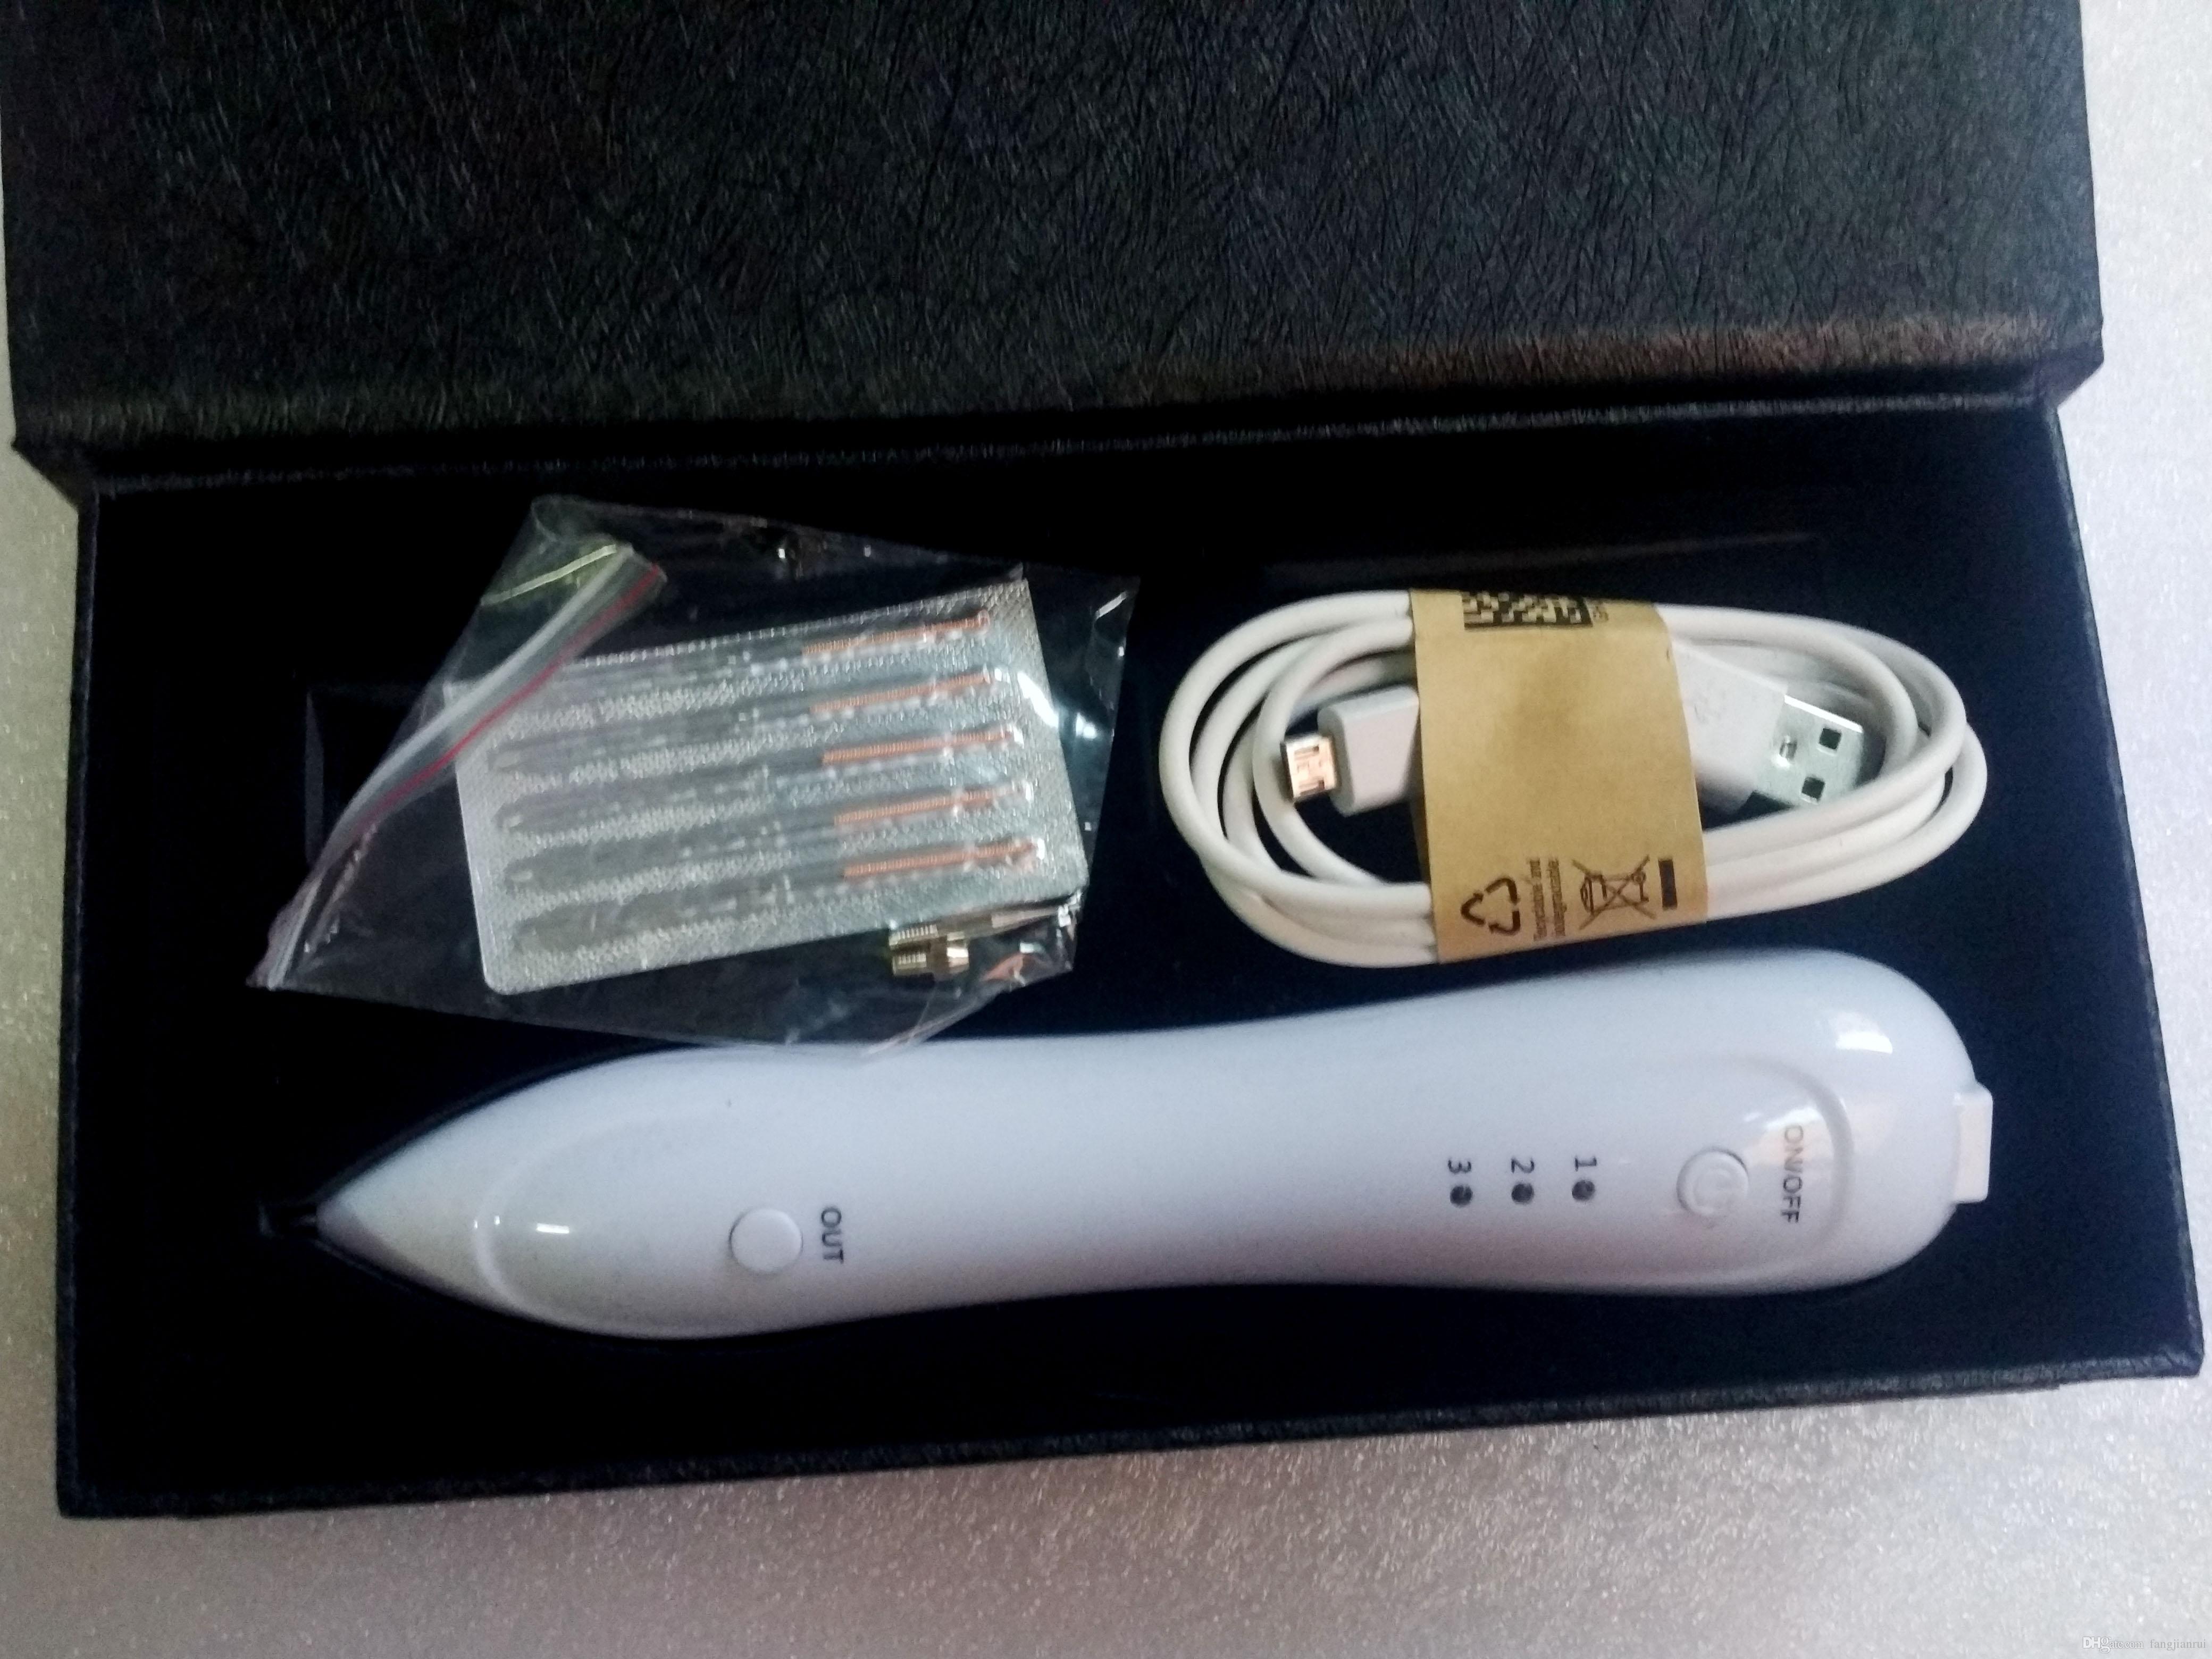 Date rechargeable miniature beauté point moles stylo de rousseur enlever tatouage Laser point naevus, tache de rousseur piégeage stylo plasma point machi